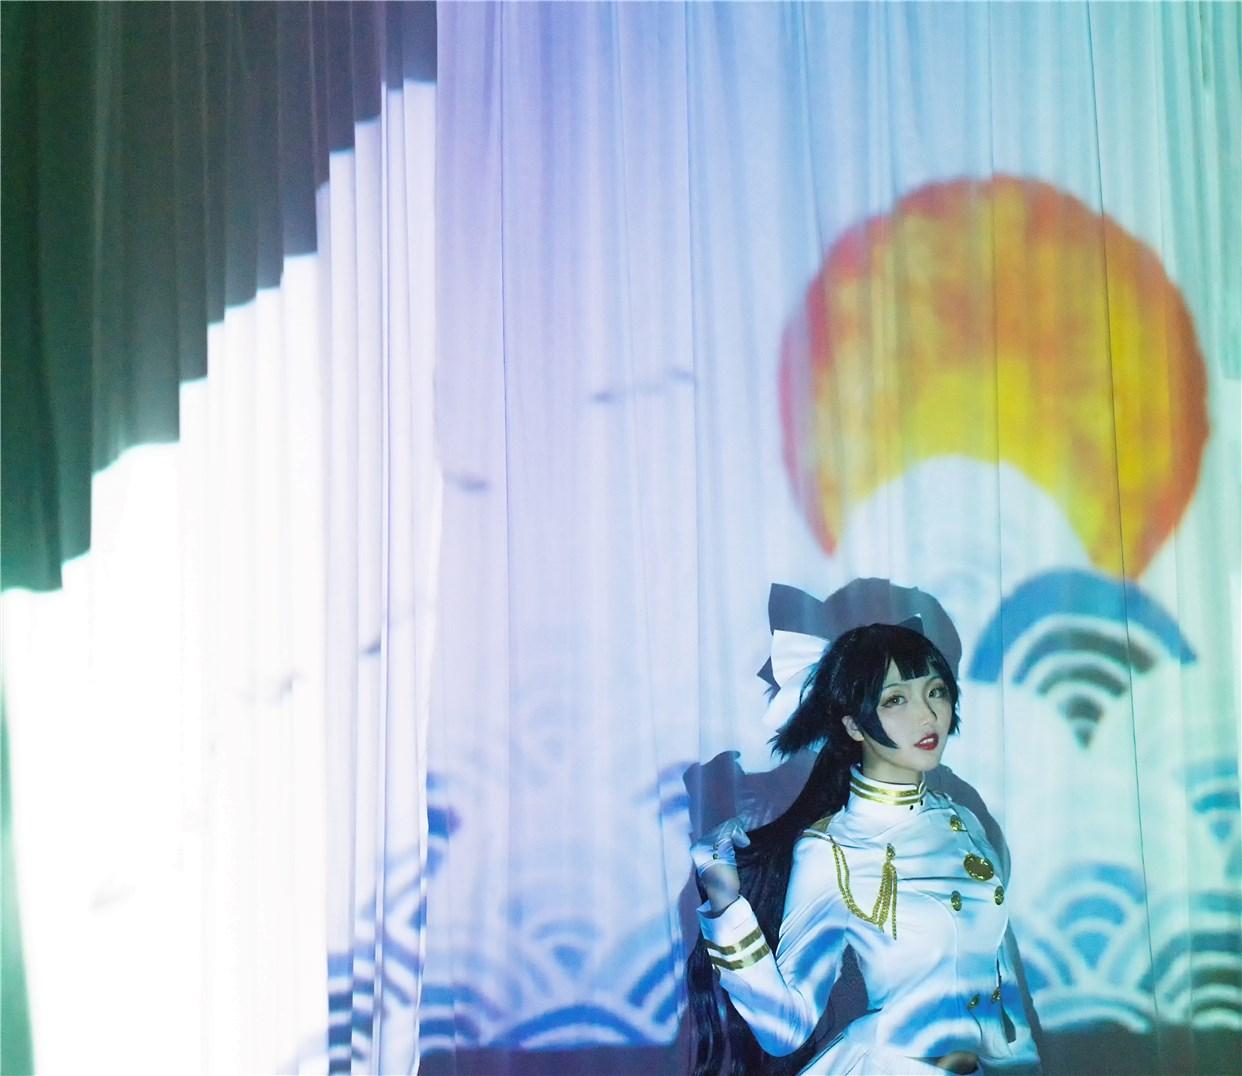 【兔玩映画】碧蓝航线 高雄 獒 兔玩映画 第36张